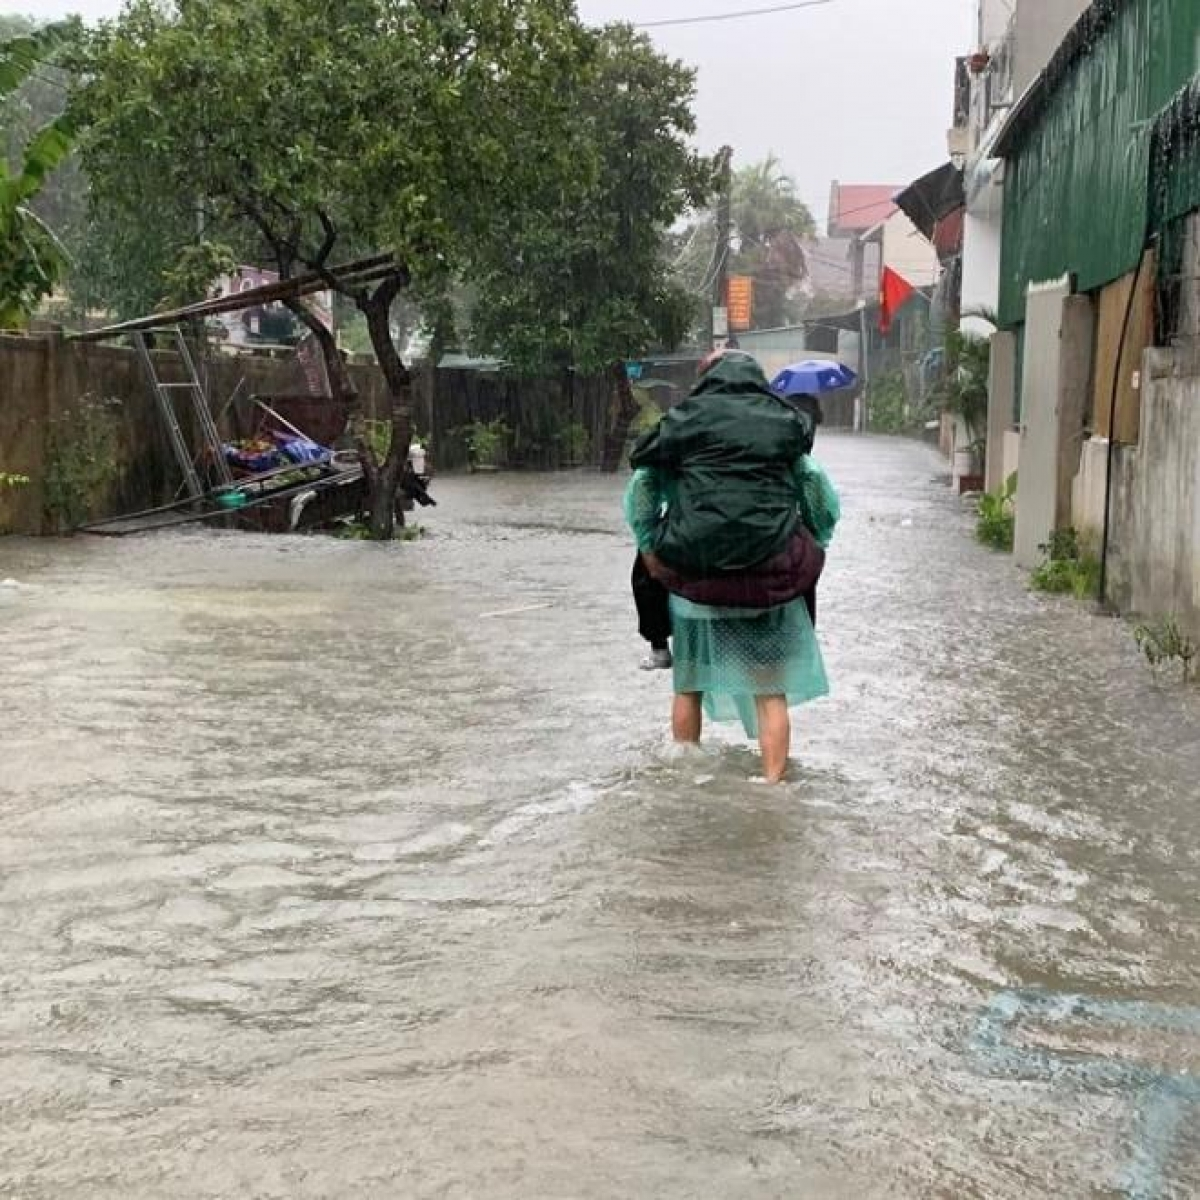 Nước lũ ngập tại nhiều tuyến đường, người già, trẻ em được ưu tiên di dời trước.